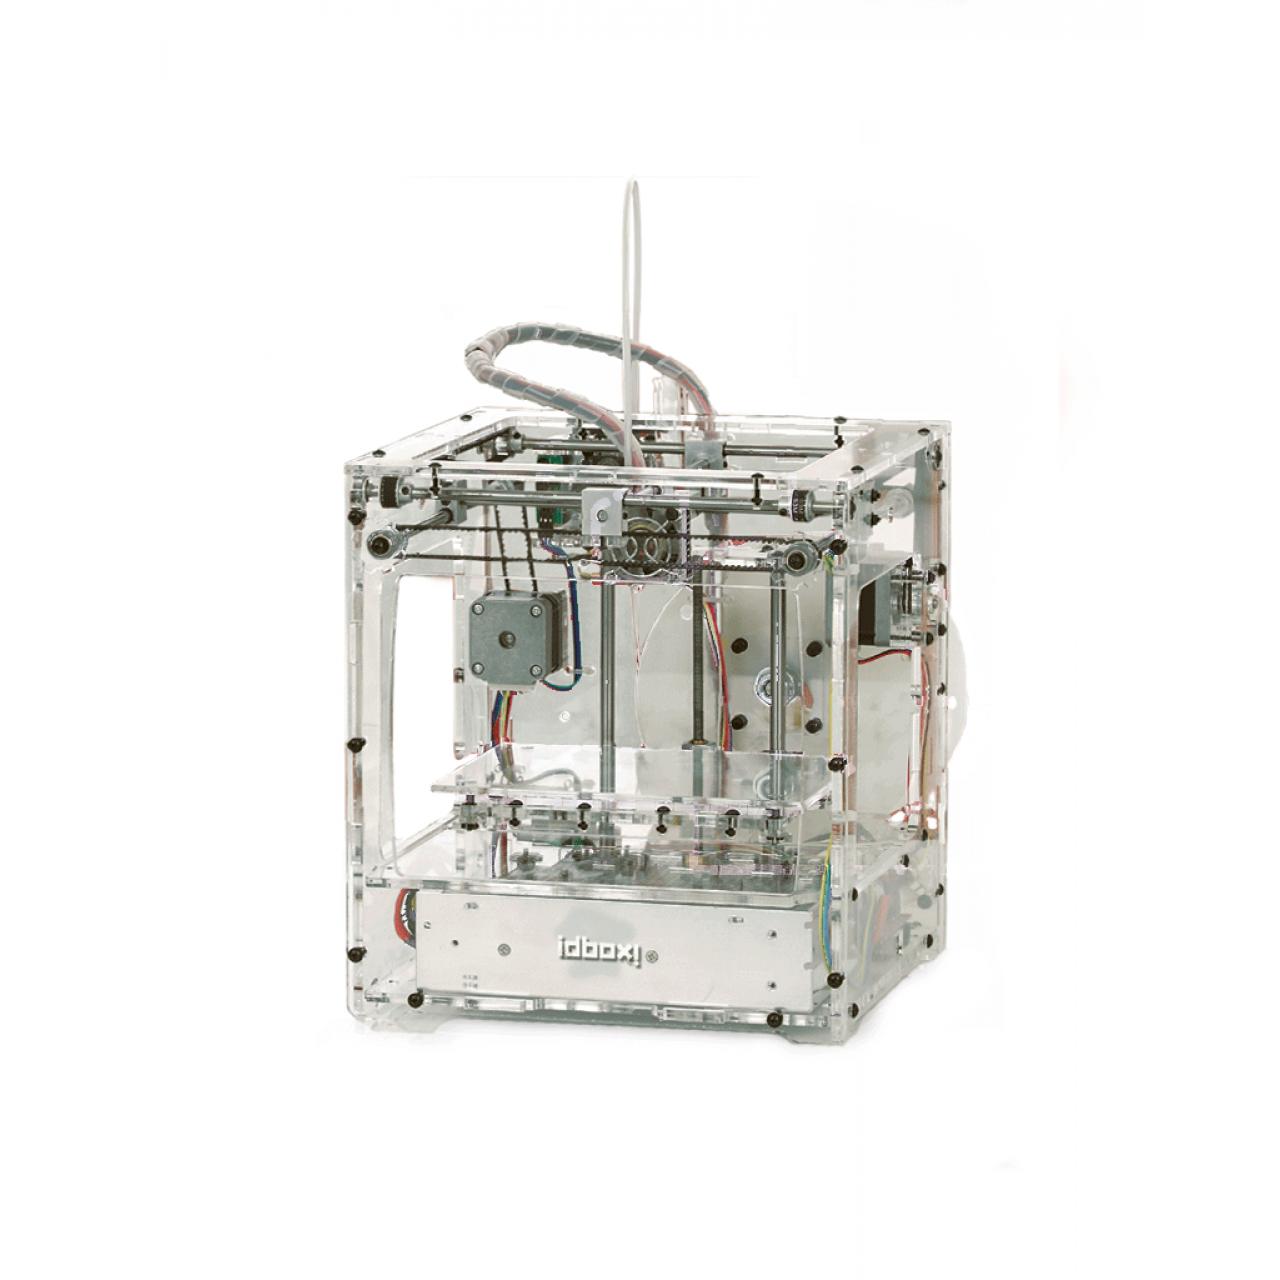 Costruisci la tua stampante 3d deagostini modelspace for Costruisci e progetta la tua casa